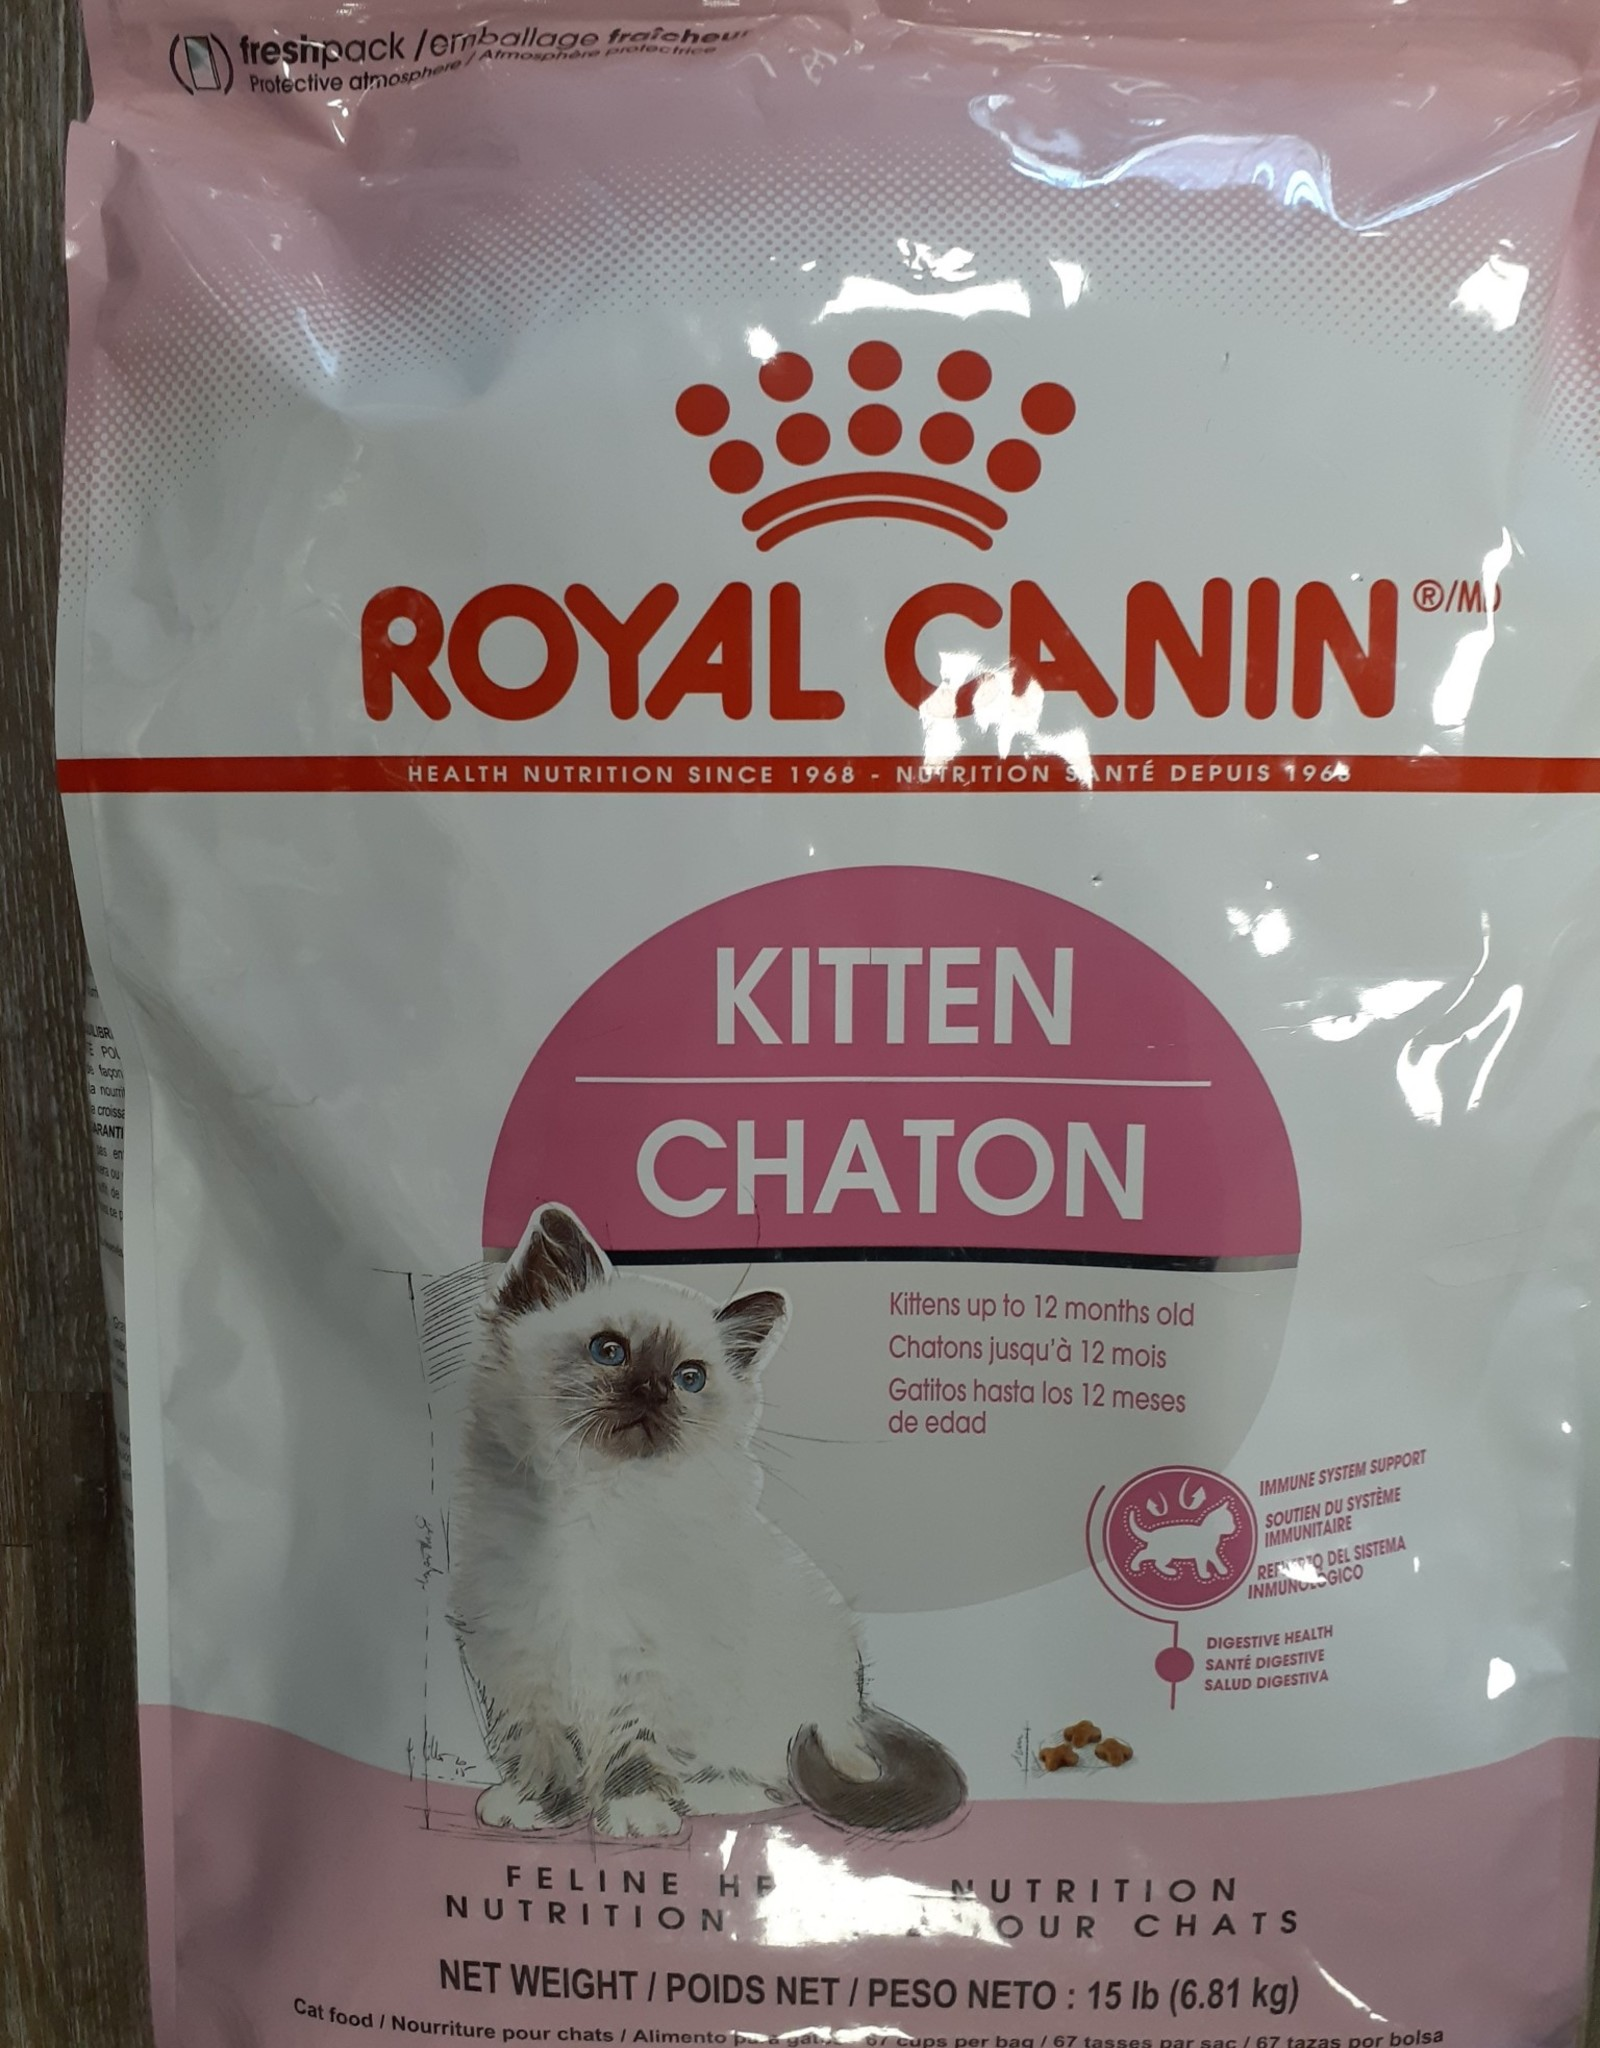 Royal Canin Royal Canin Kitten 15lb